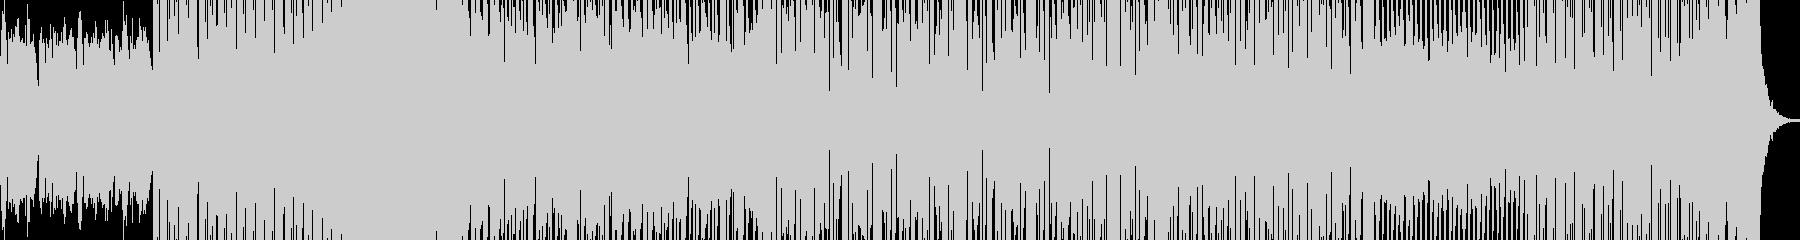 勢いのあるドラムンベースの未再生の波形